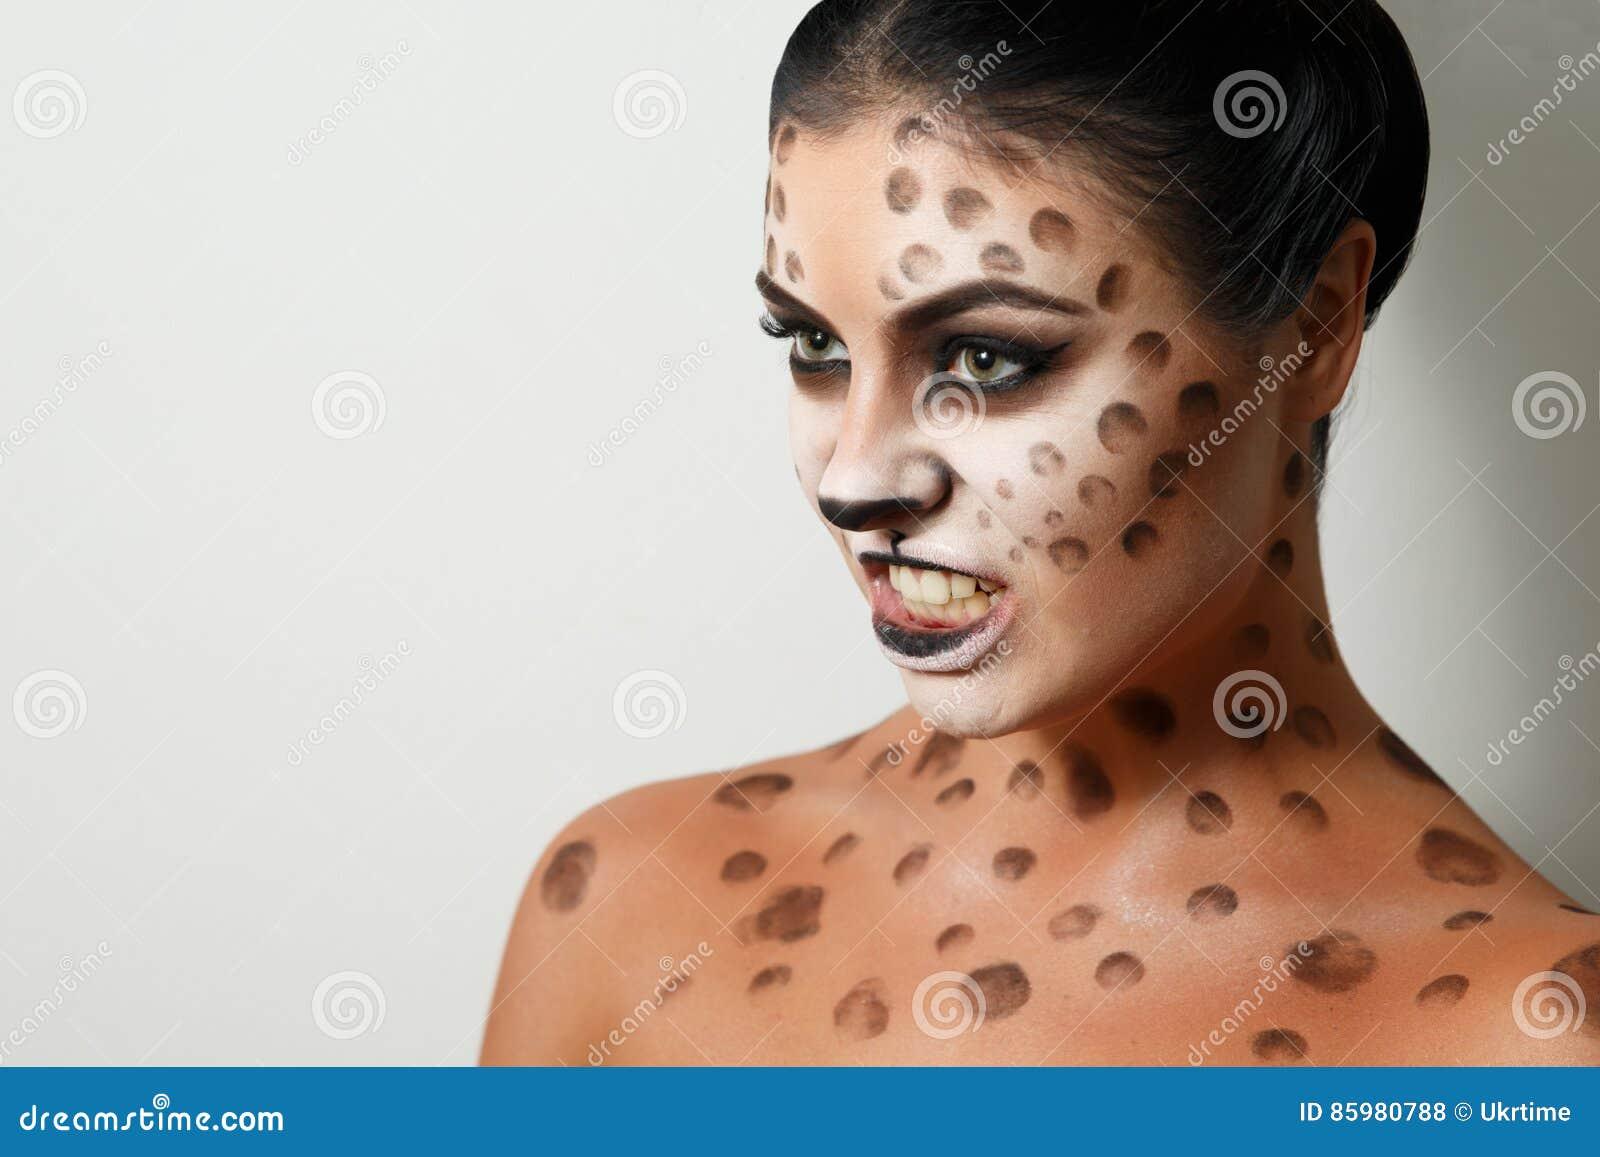 背景女孩纵向白色 面孔艺术 人体艺术 发型 黑发 通配的猫 咆哮声